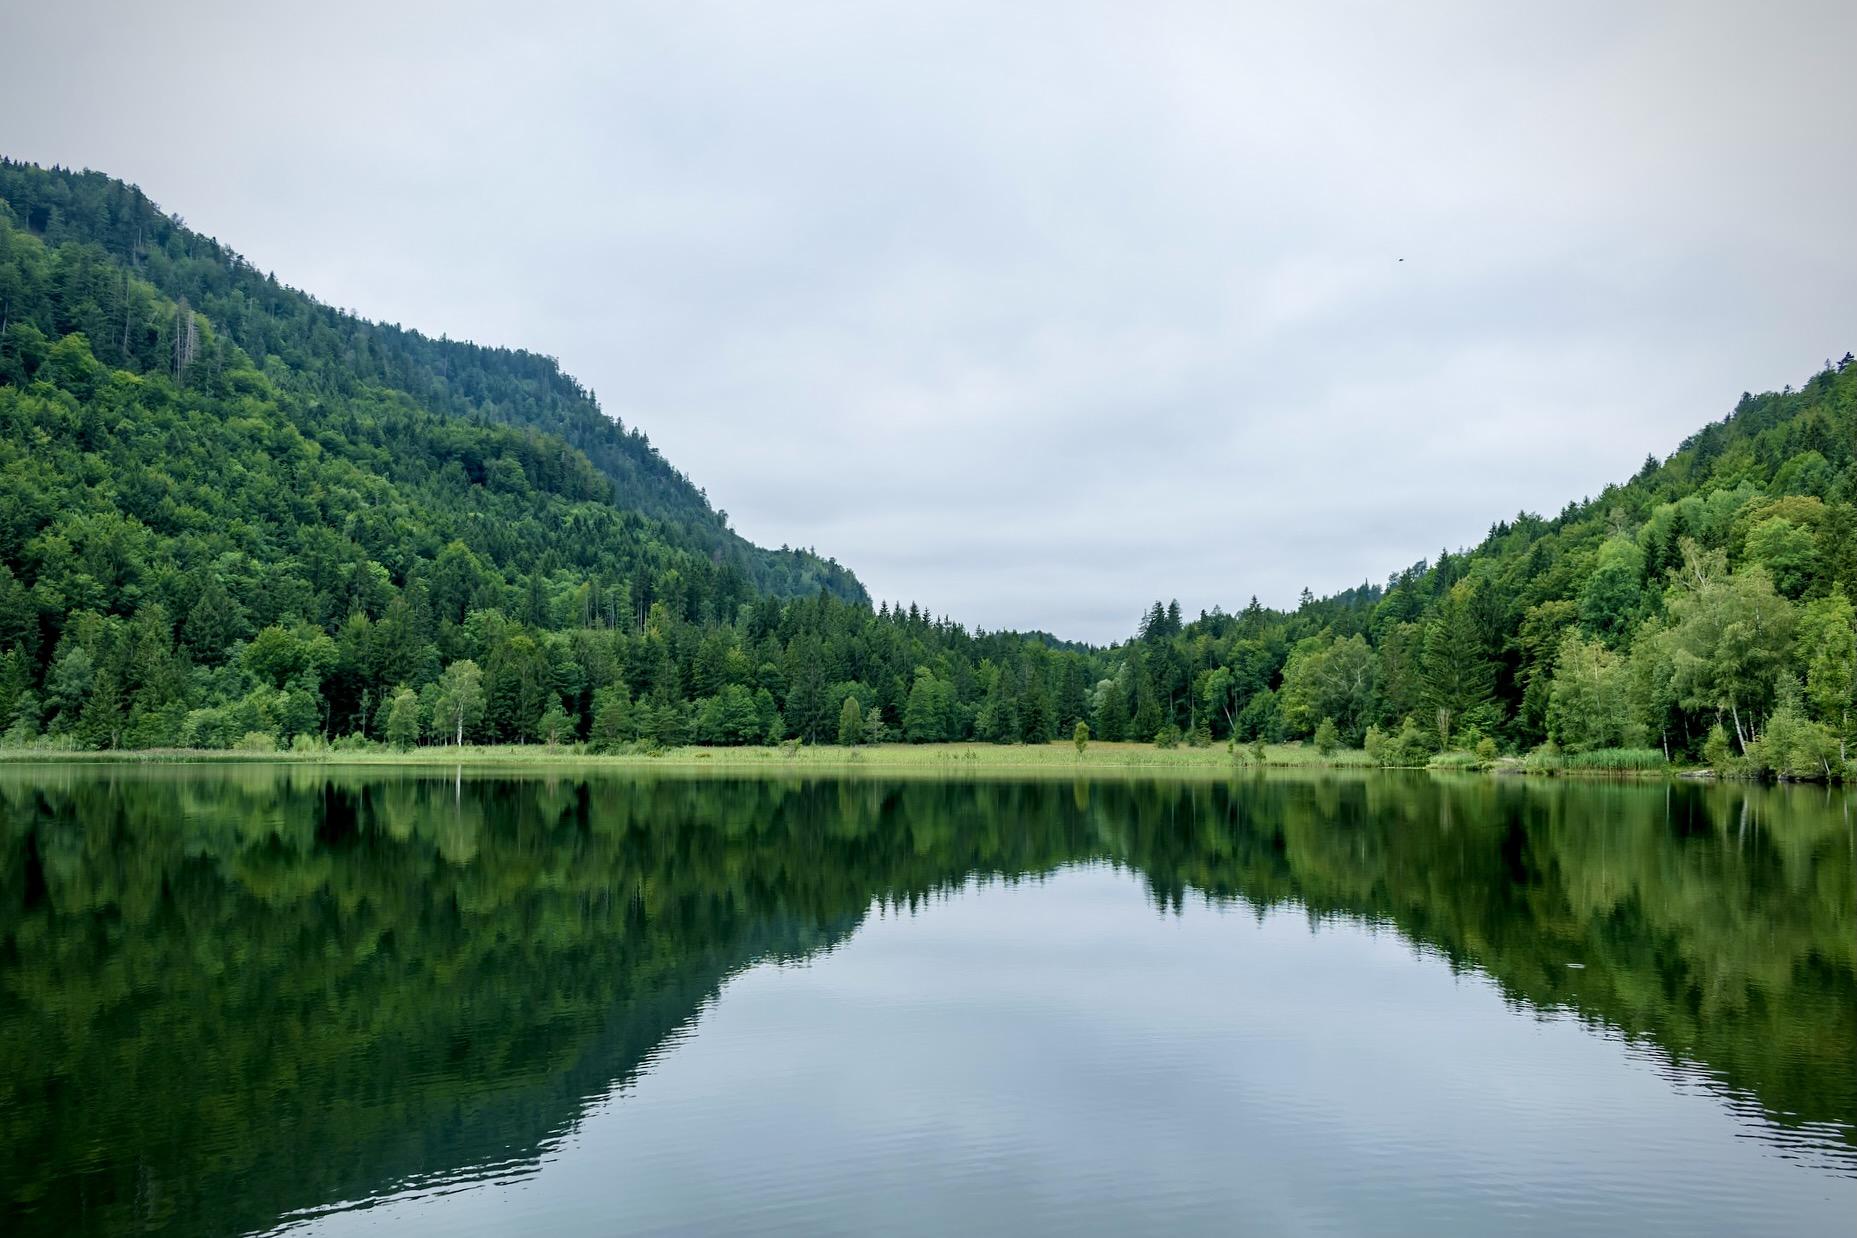 Der Schwansee ist ein beliebter See in Bayern als Ausflugsziel